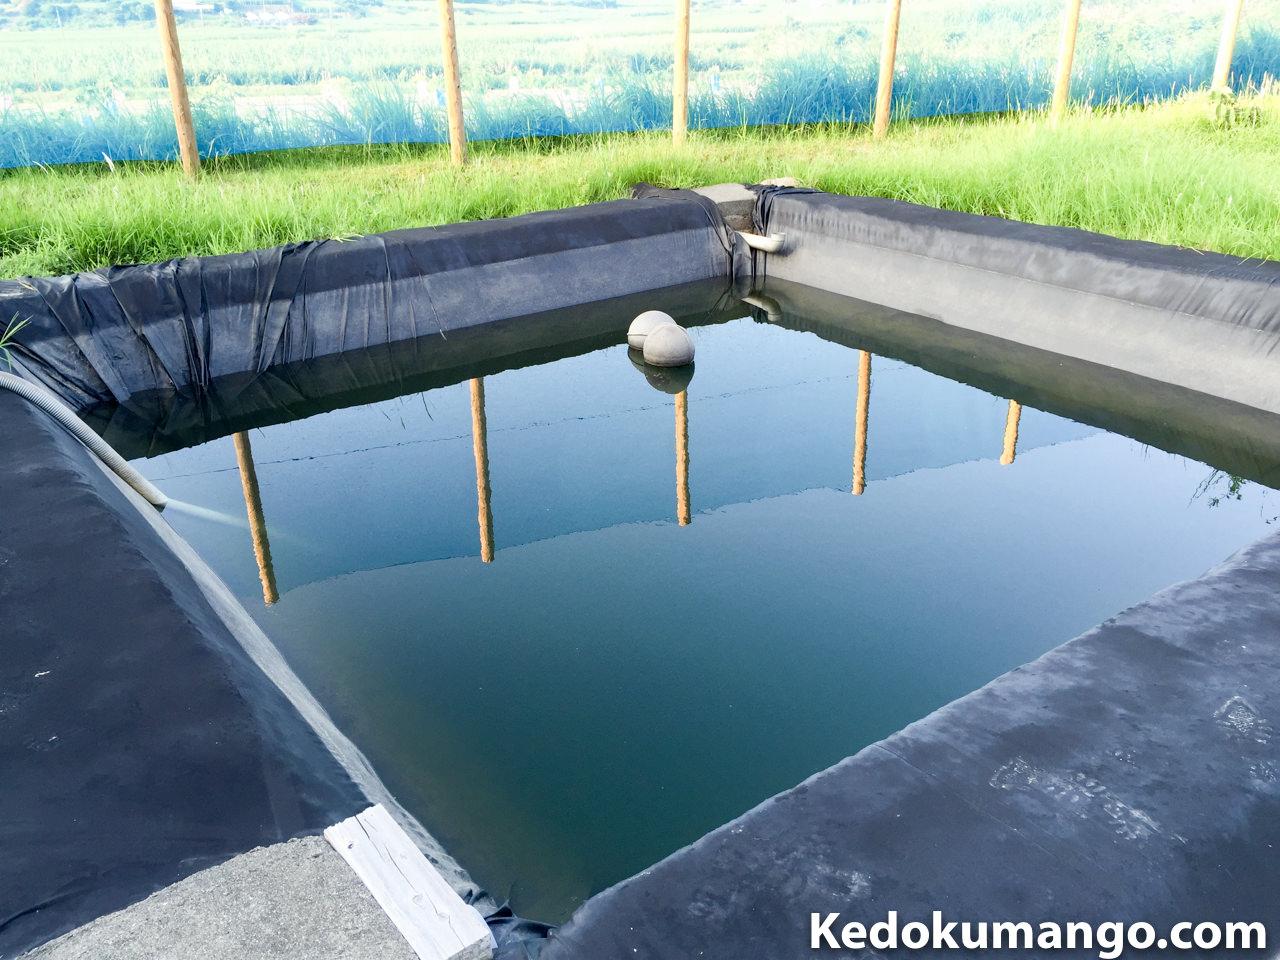 貯水池の水が減っている様子